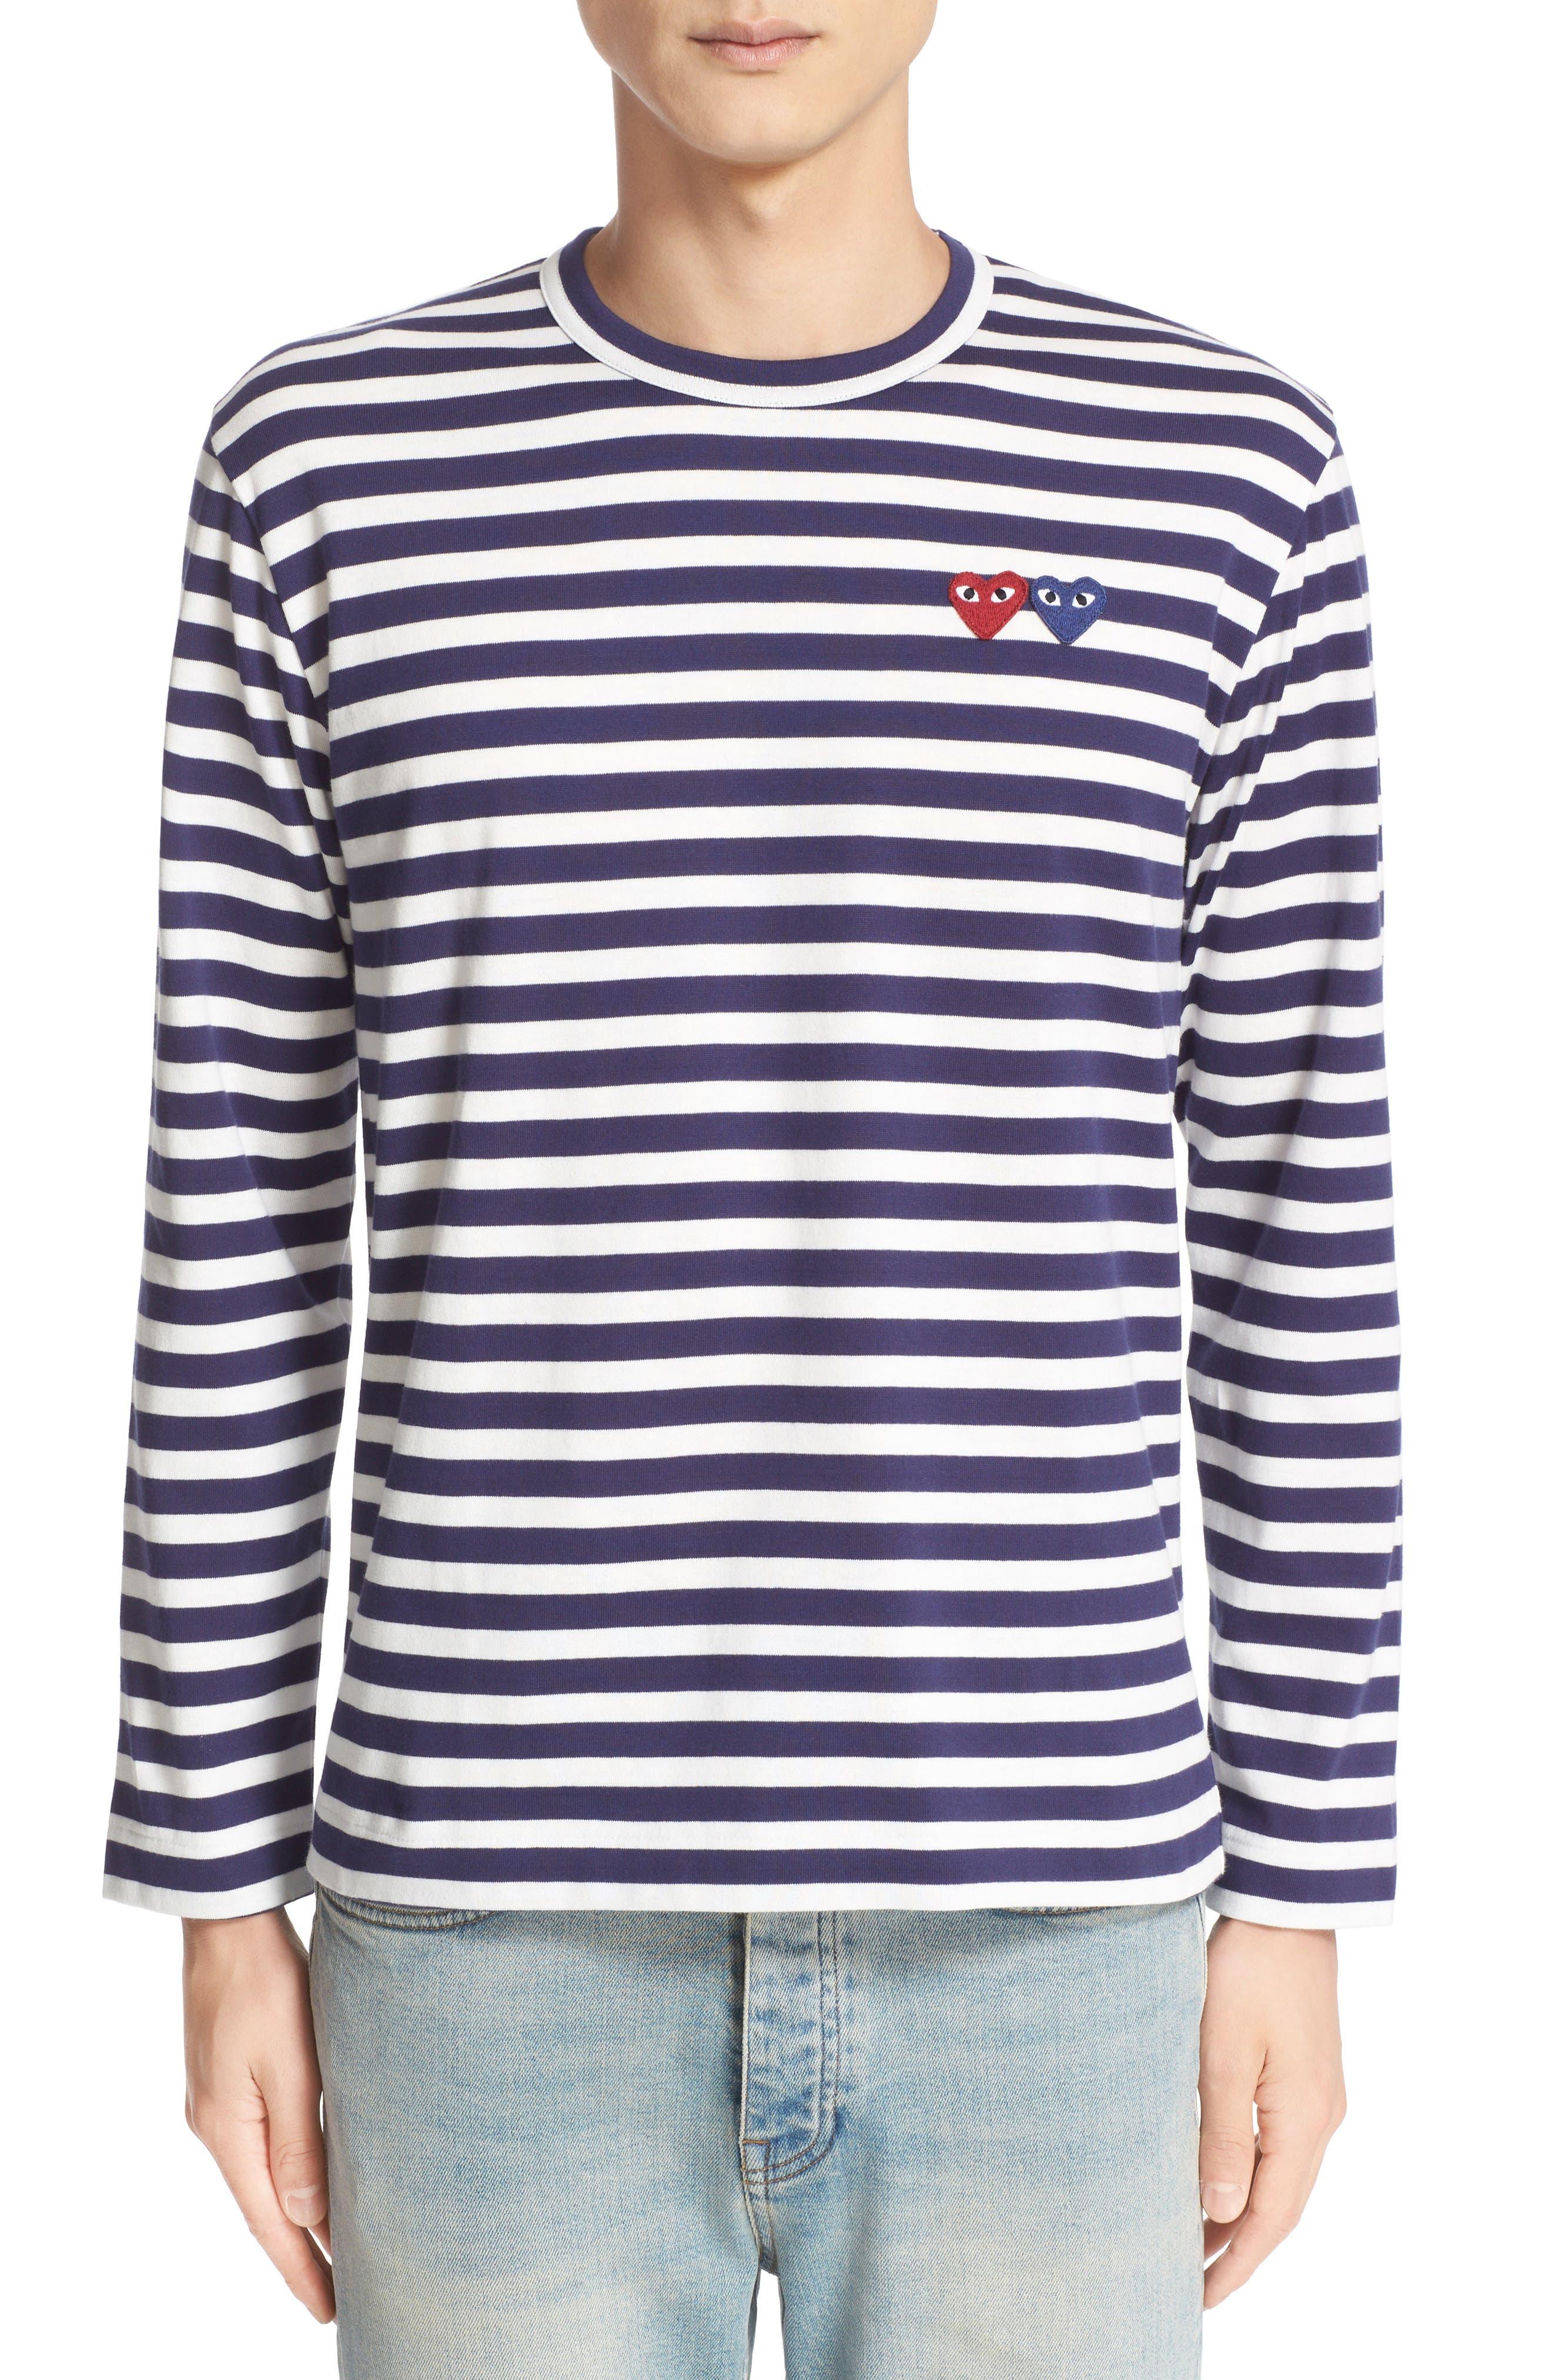 Alternate Image 1 Selected - Comme des Garçons Twin Appliqué Stripe T-Shirt